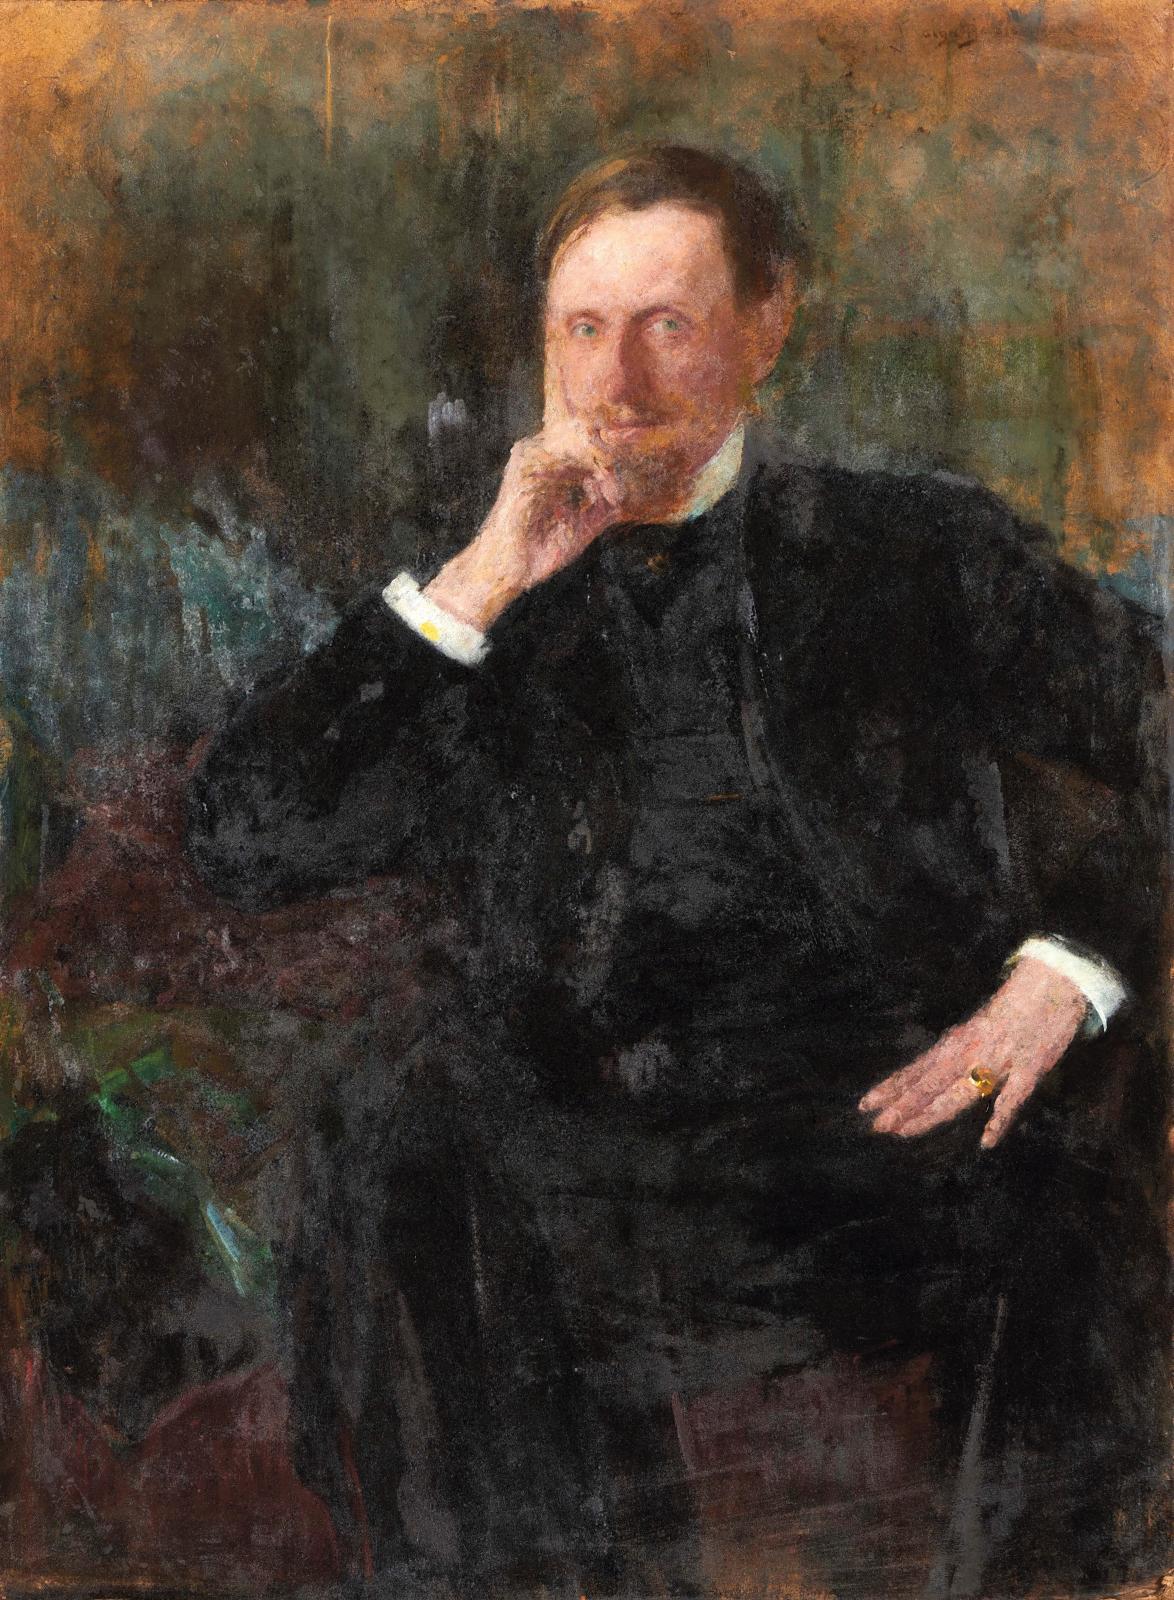 Olga Boznanska (1865-1940), Portrait présumé de Louis Libaude,1804, huile sur carton, 108x80cm. Estimation: 50000/70000€